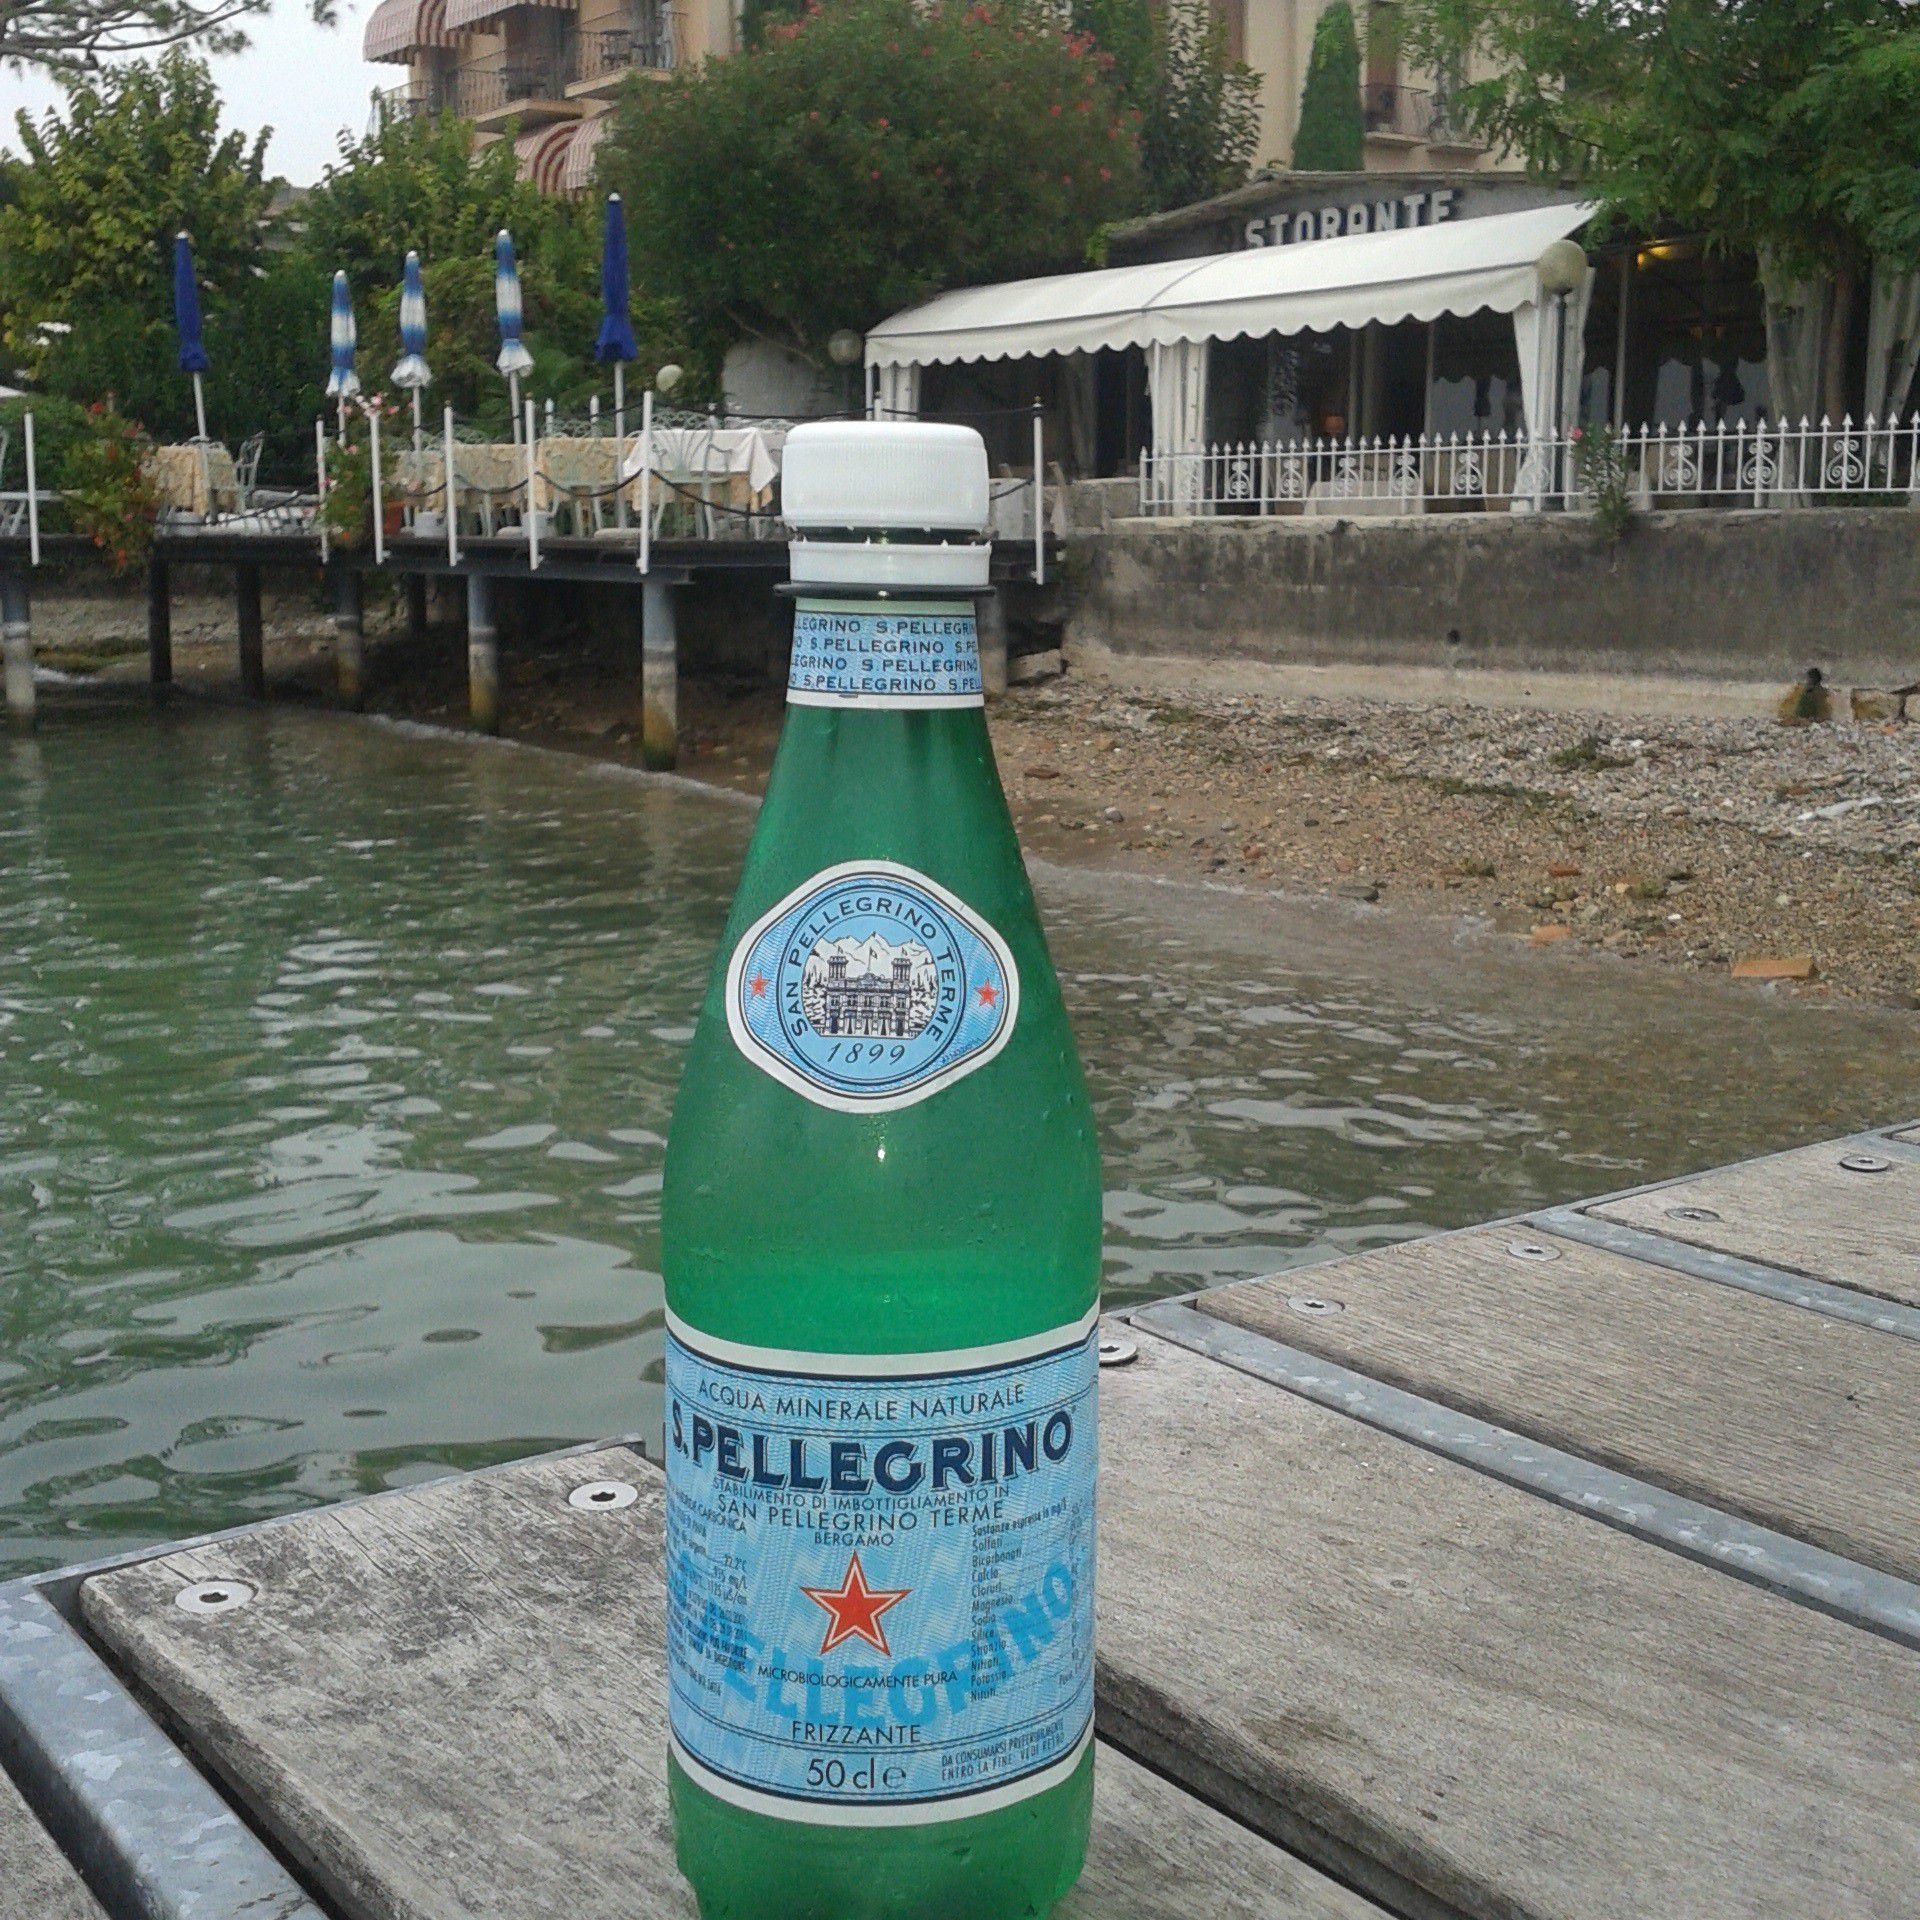 A bottle of San Pellegrino water